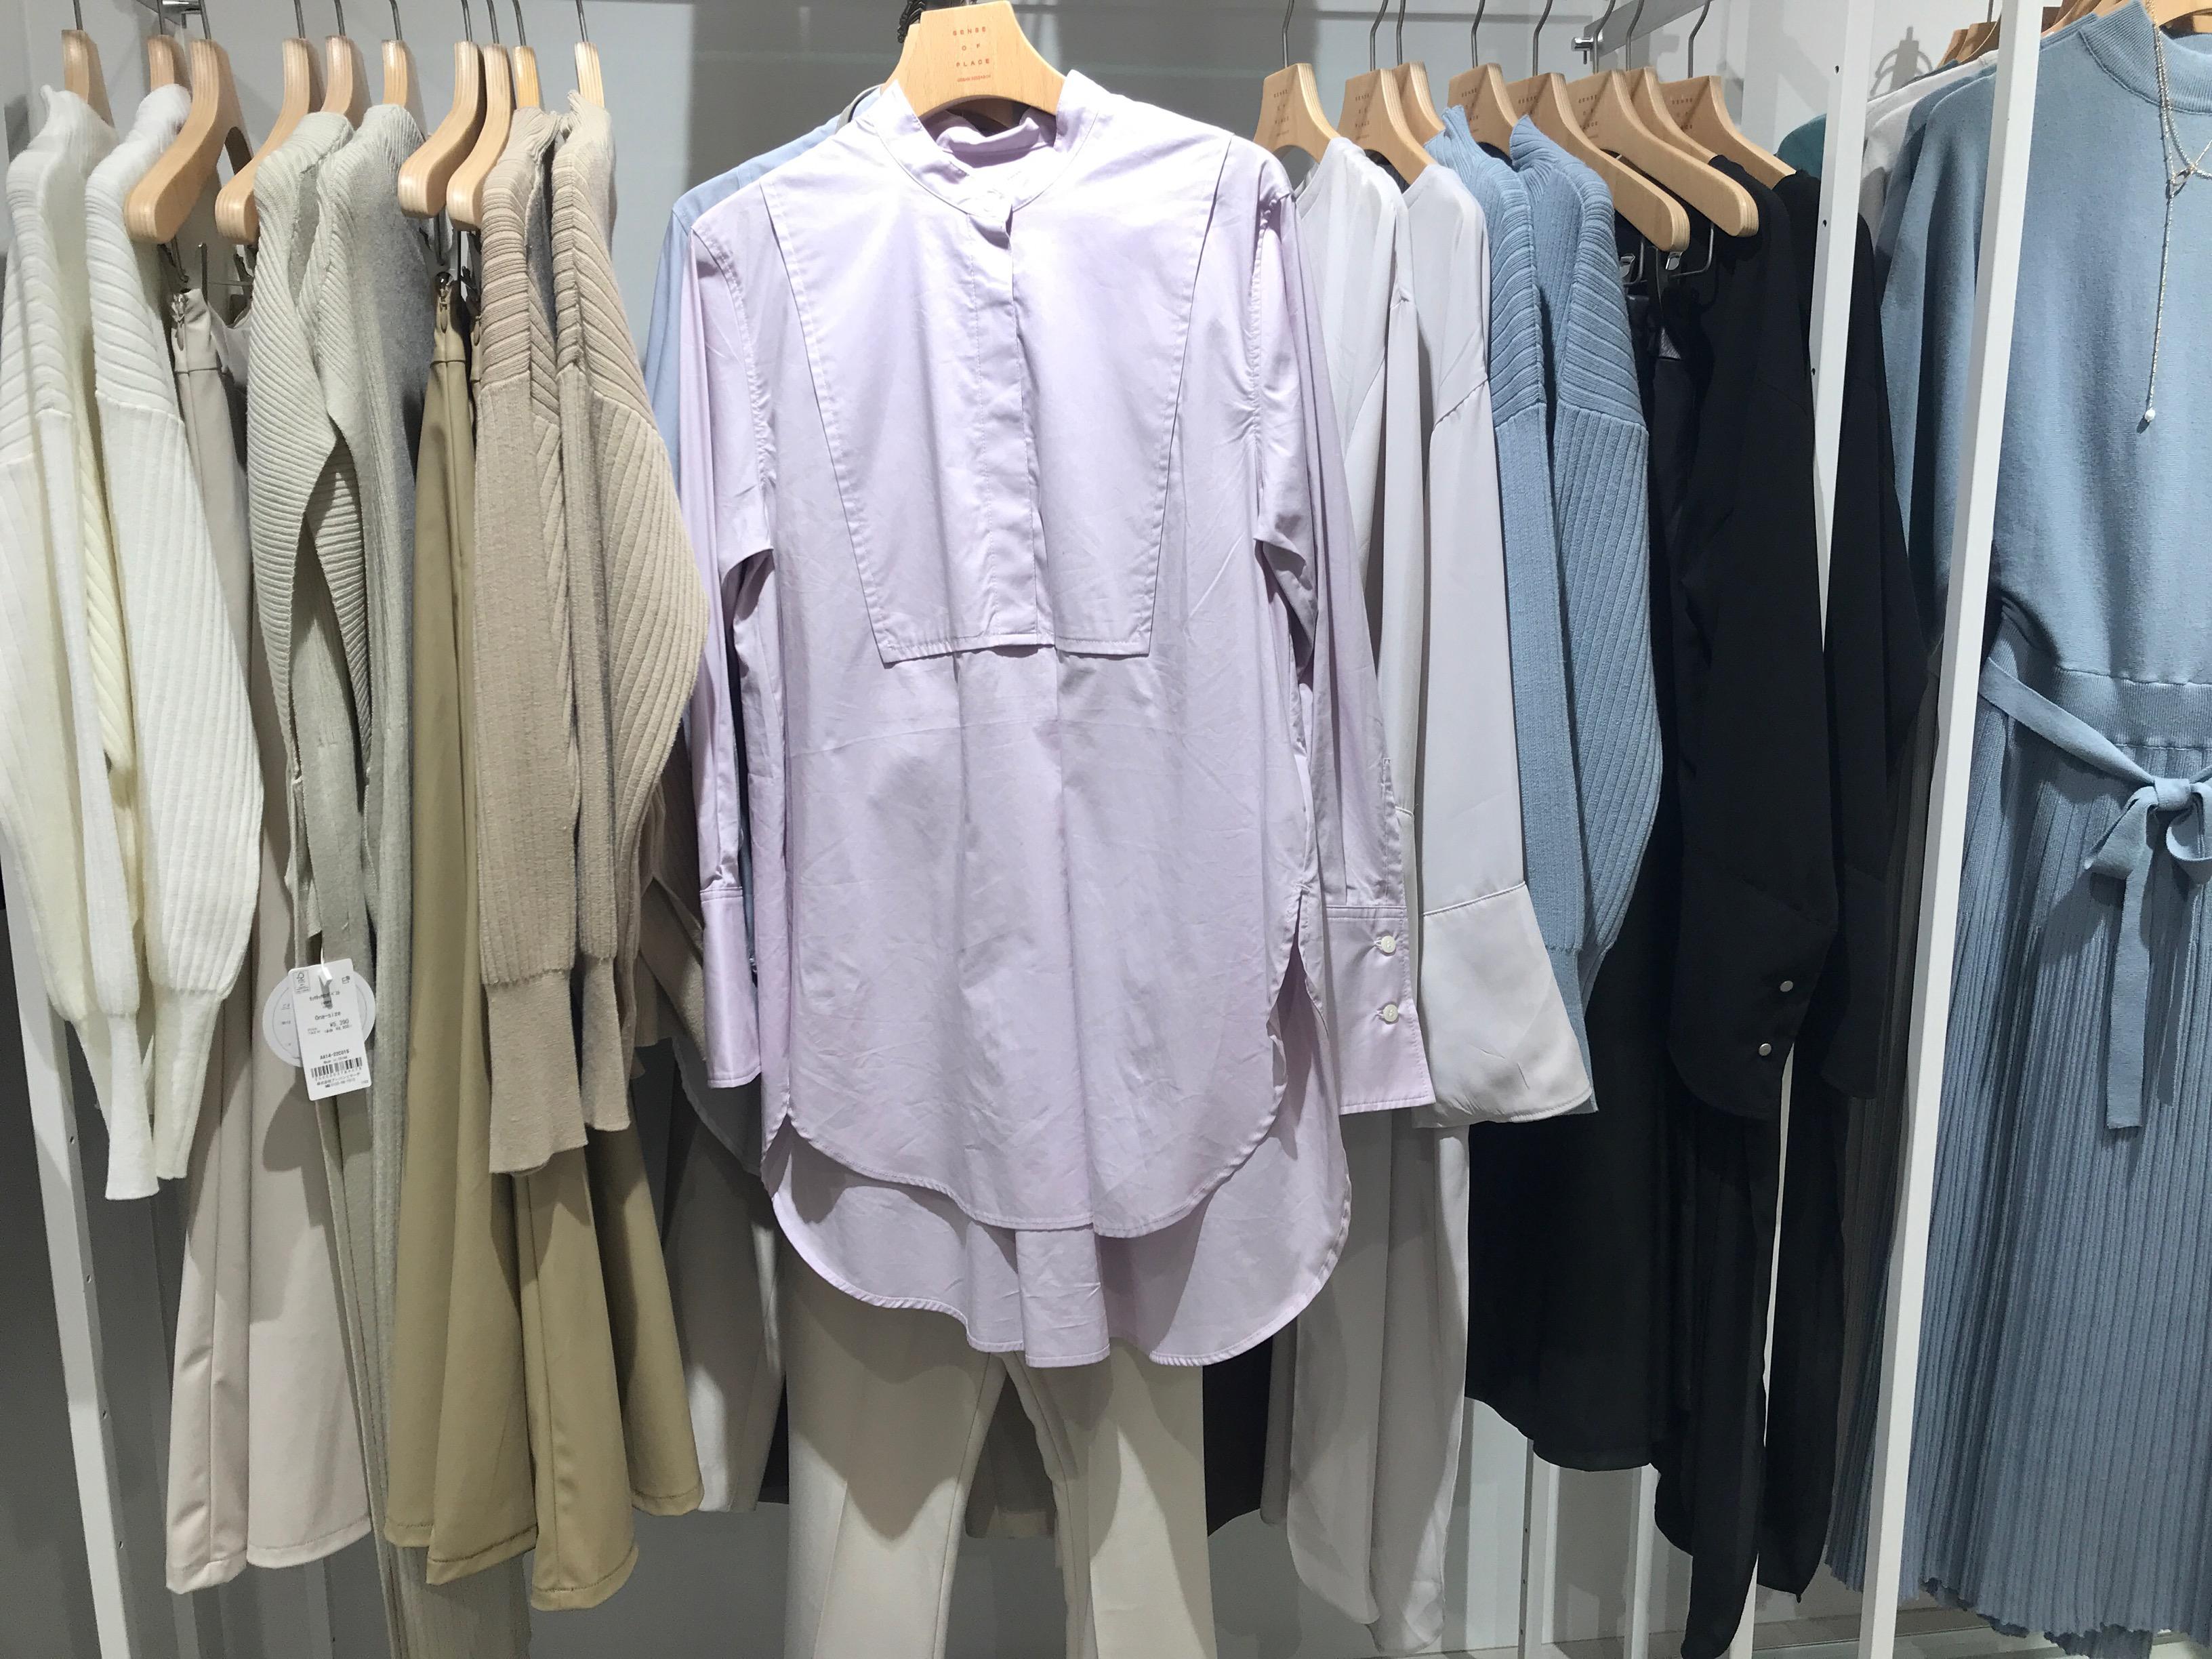 プチプラ服!【センスオブプレイス】の《春色ドレスシャツ》が可愛い♡⋈_3